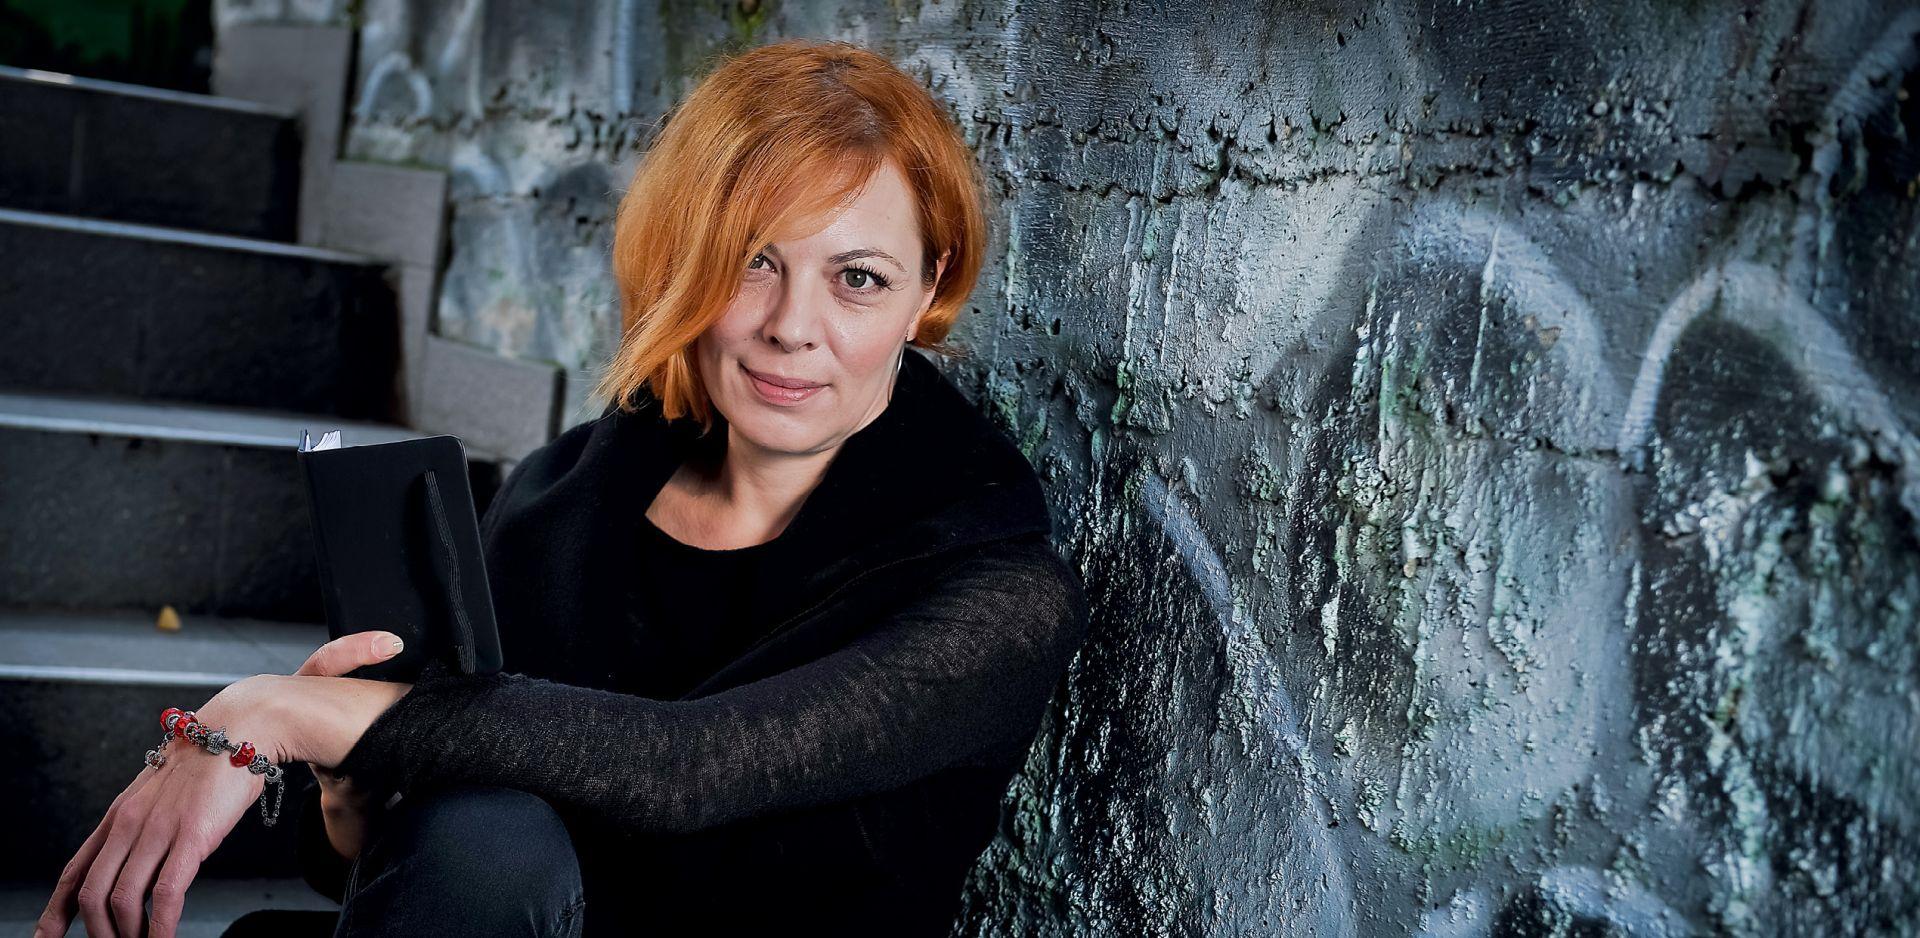 INTERVIEW: NORA KRSTULOVIĆ 'Baština je zbog politike na lošem glasu, a moreškom to mijenjamo'